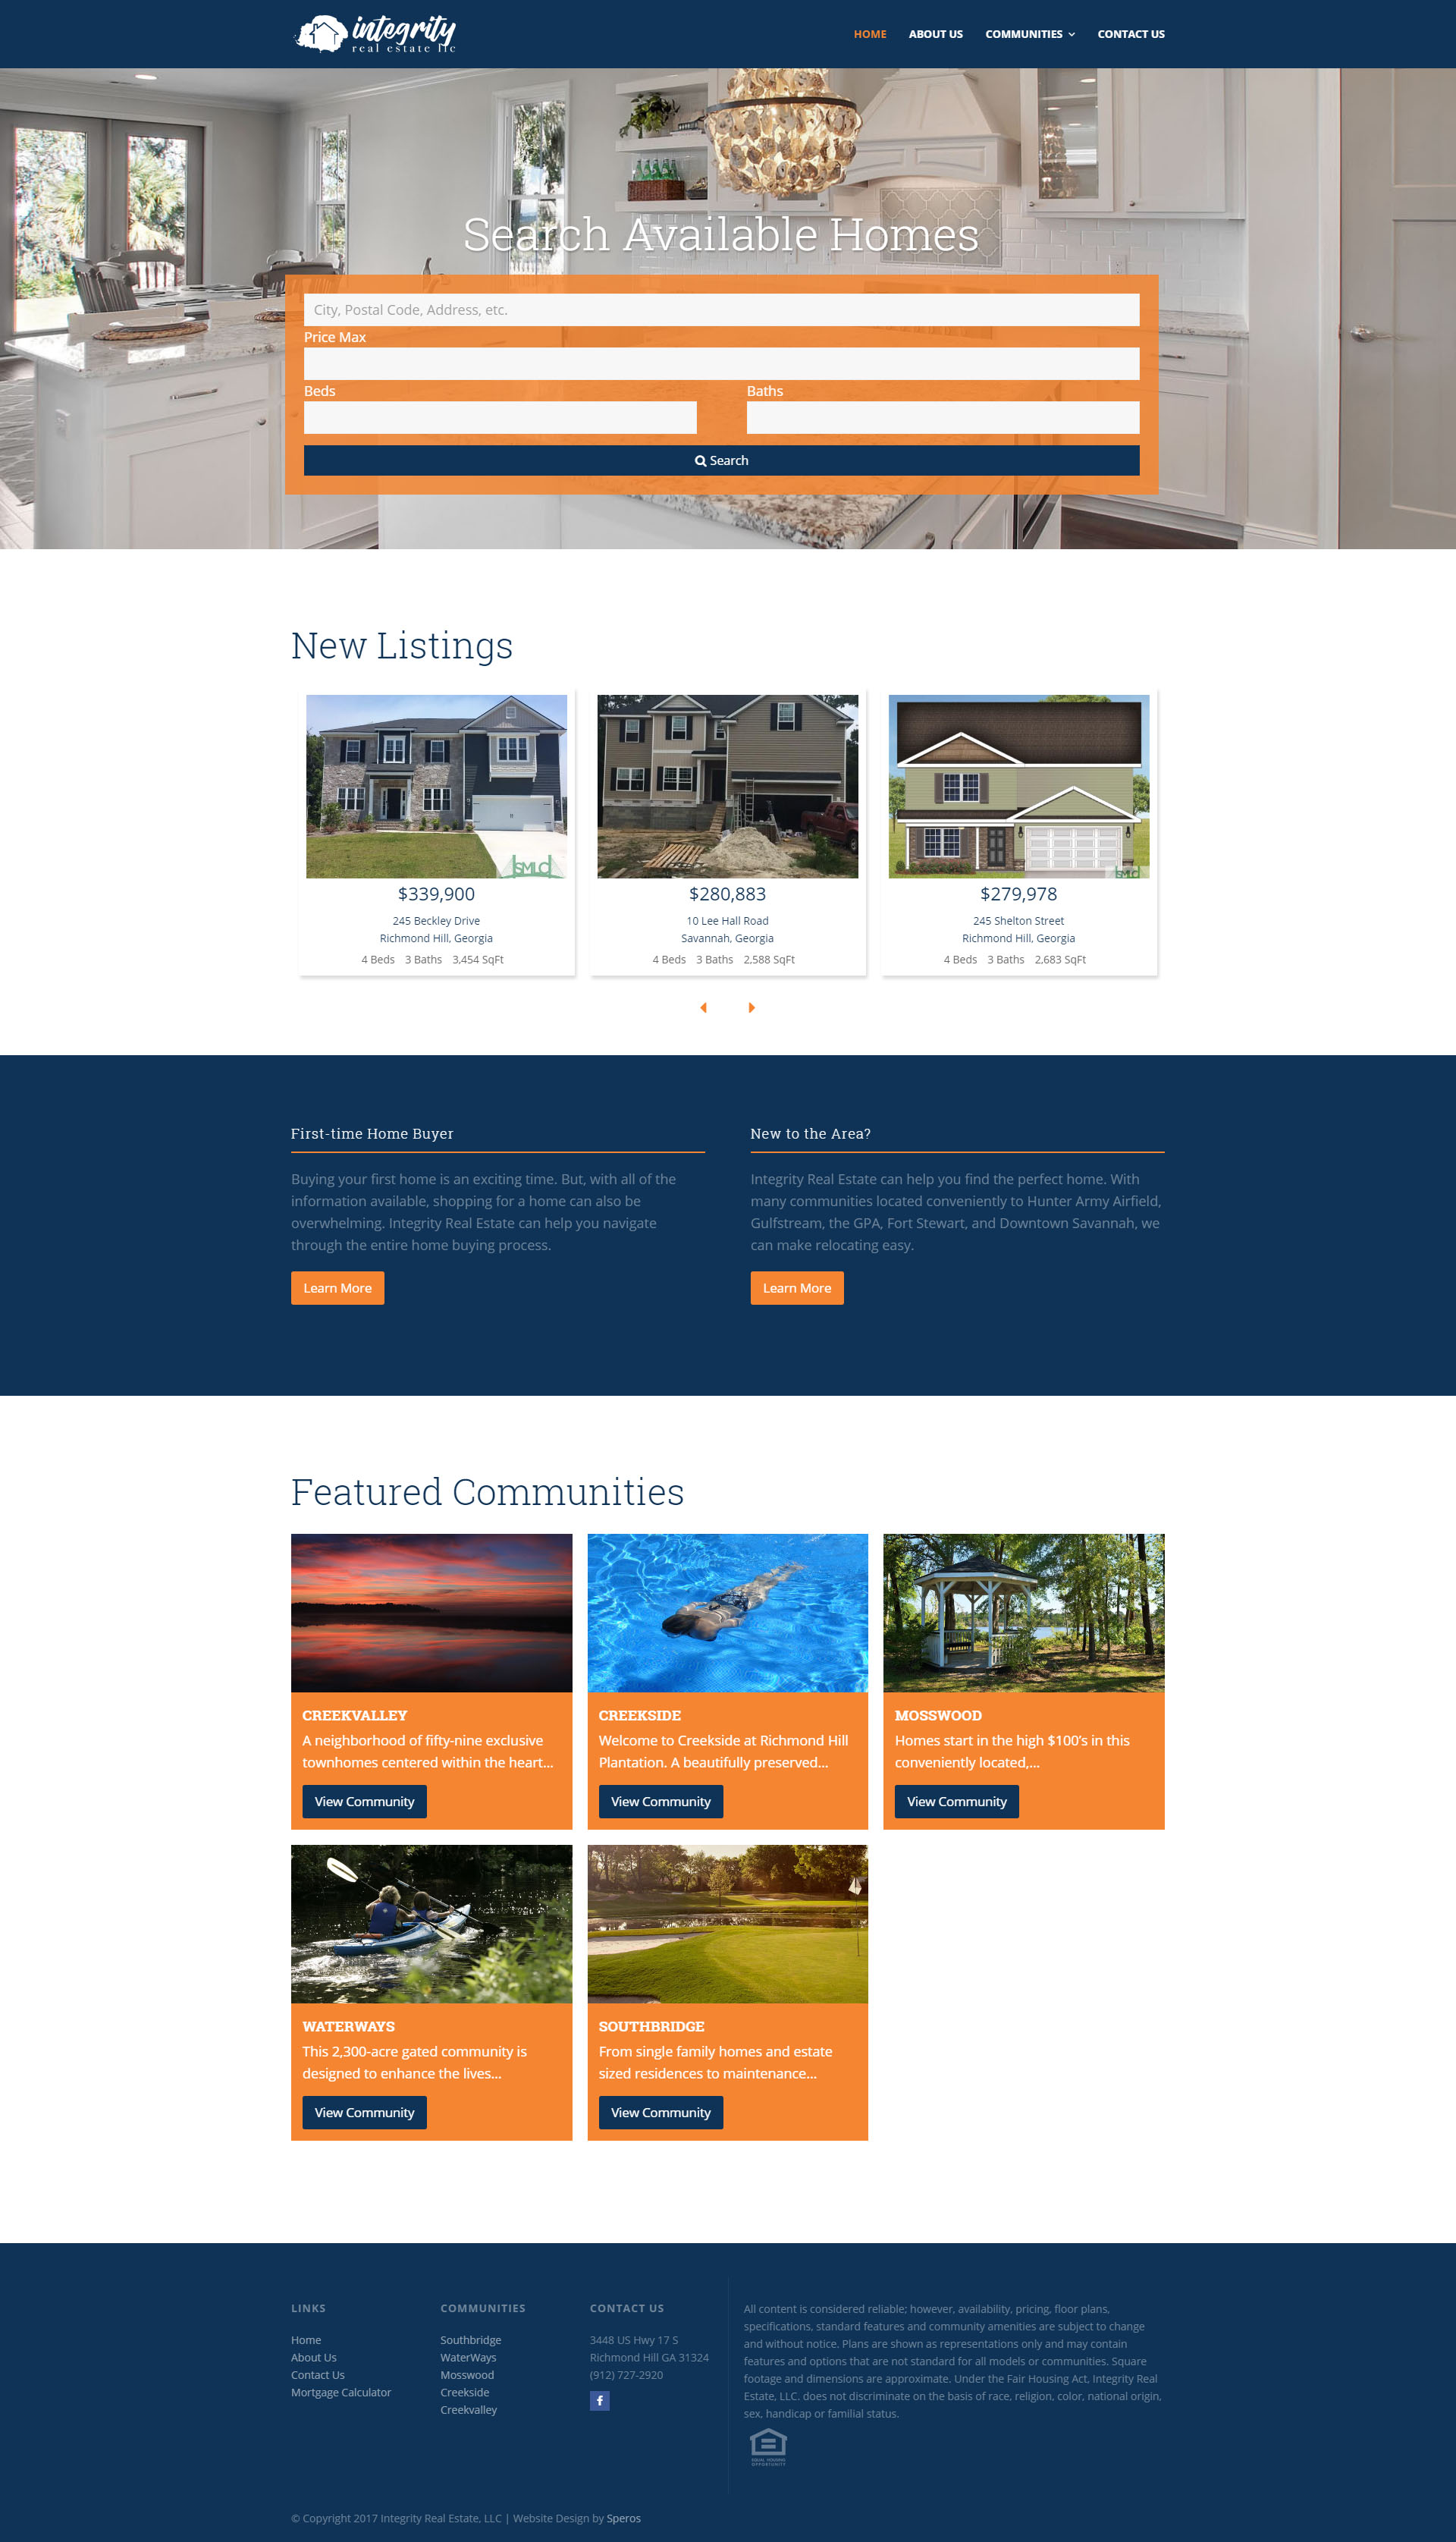 Integrity Real Estate website design